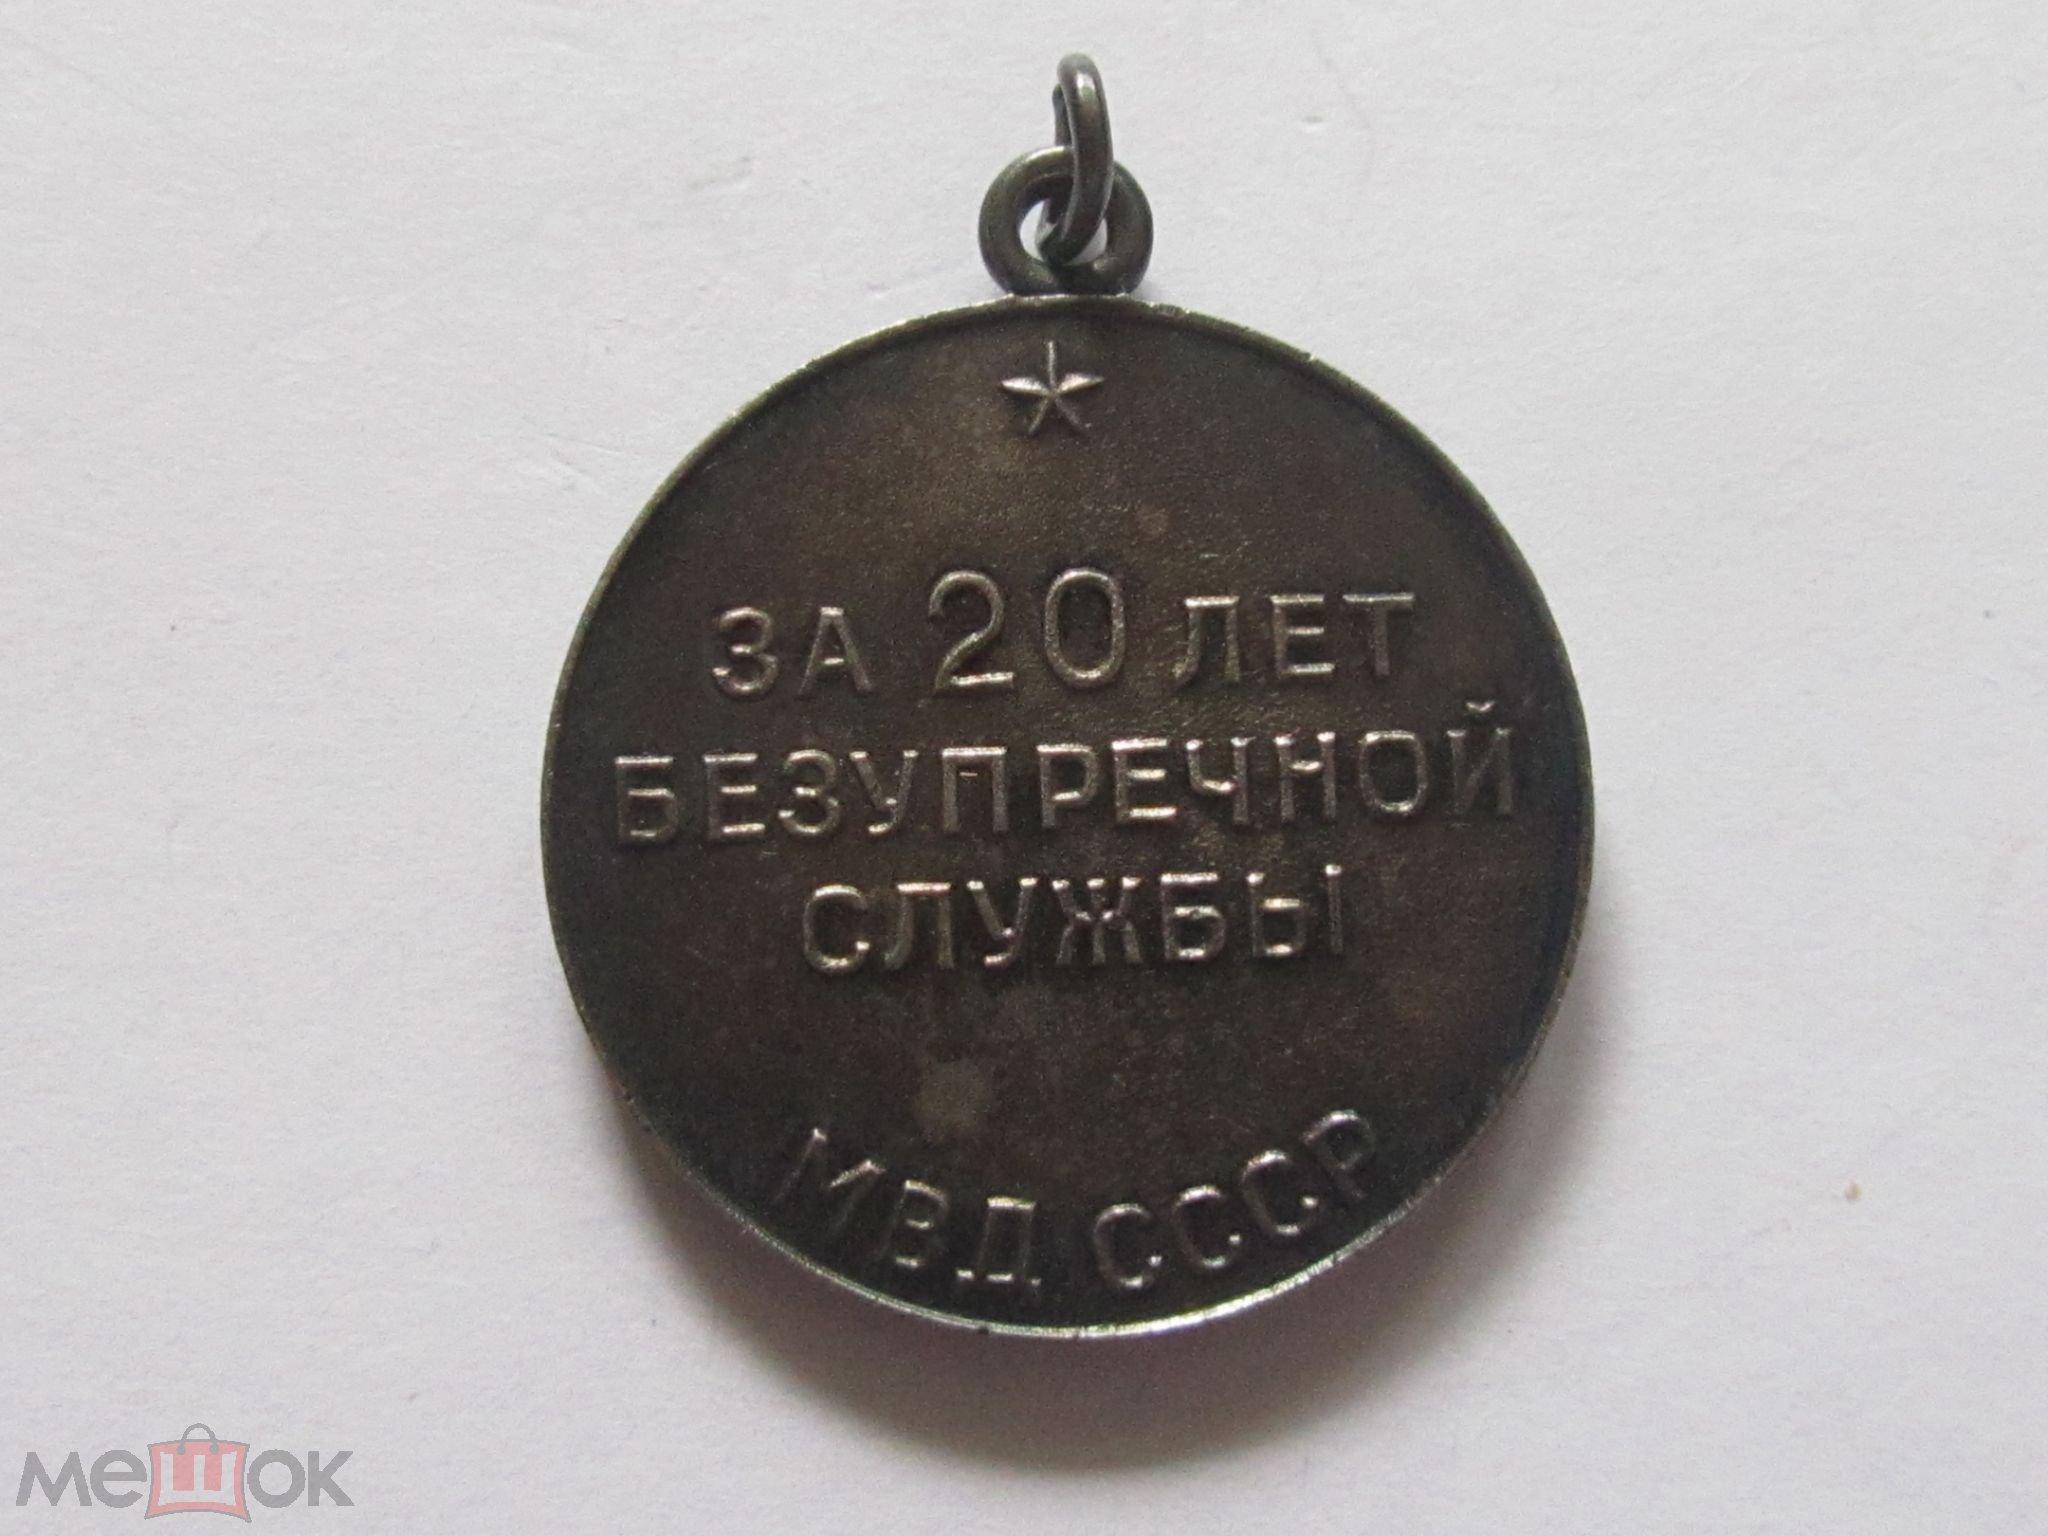 Медаль : за 20 лет Безупречной службы МВД СССР .... Серебро ... Эмаль...